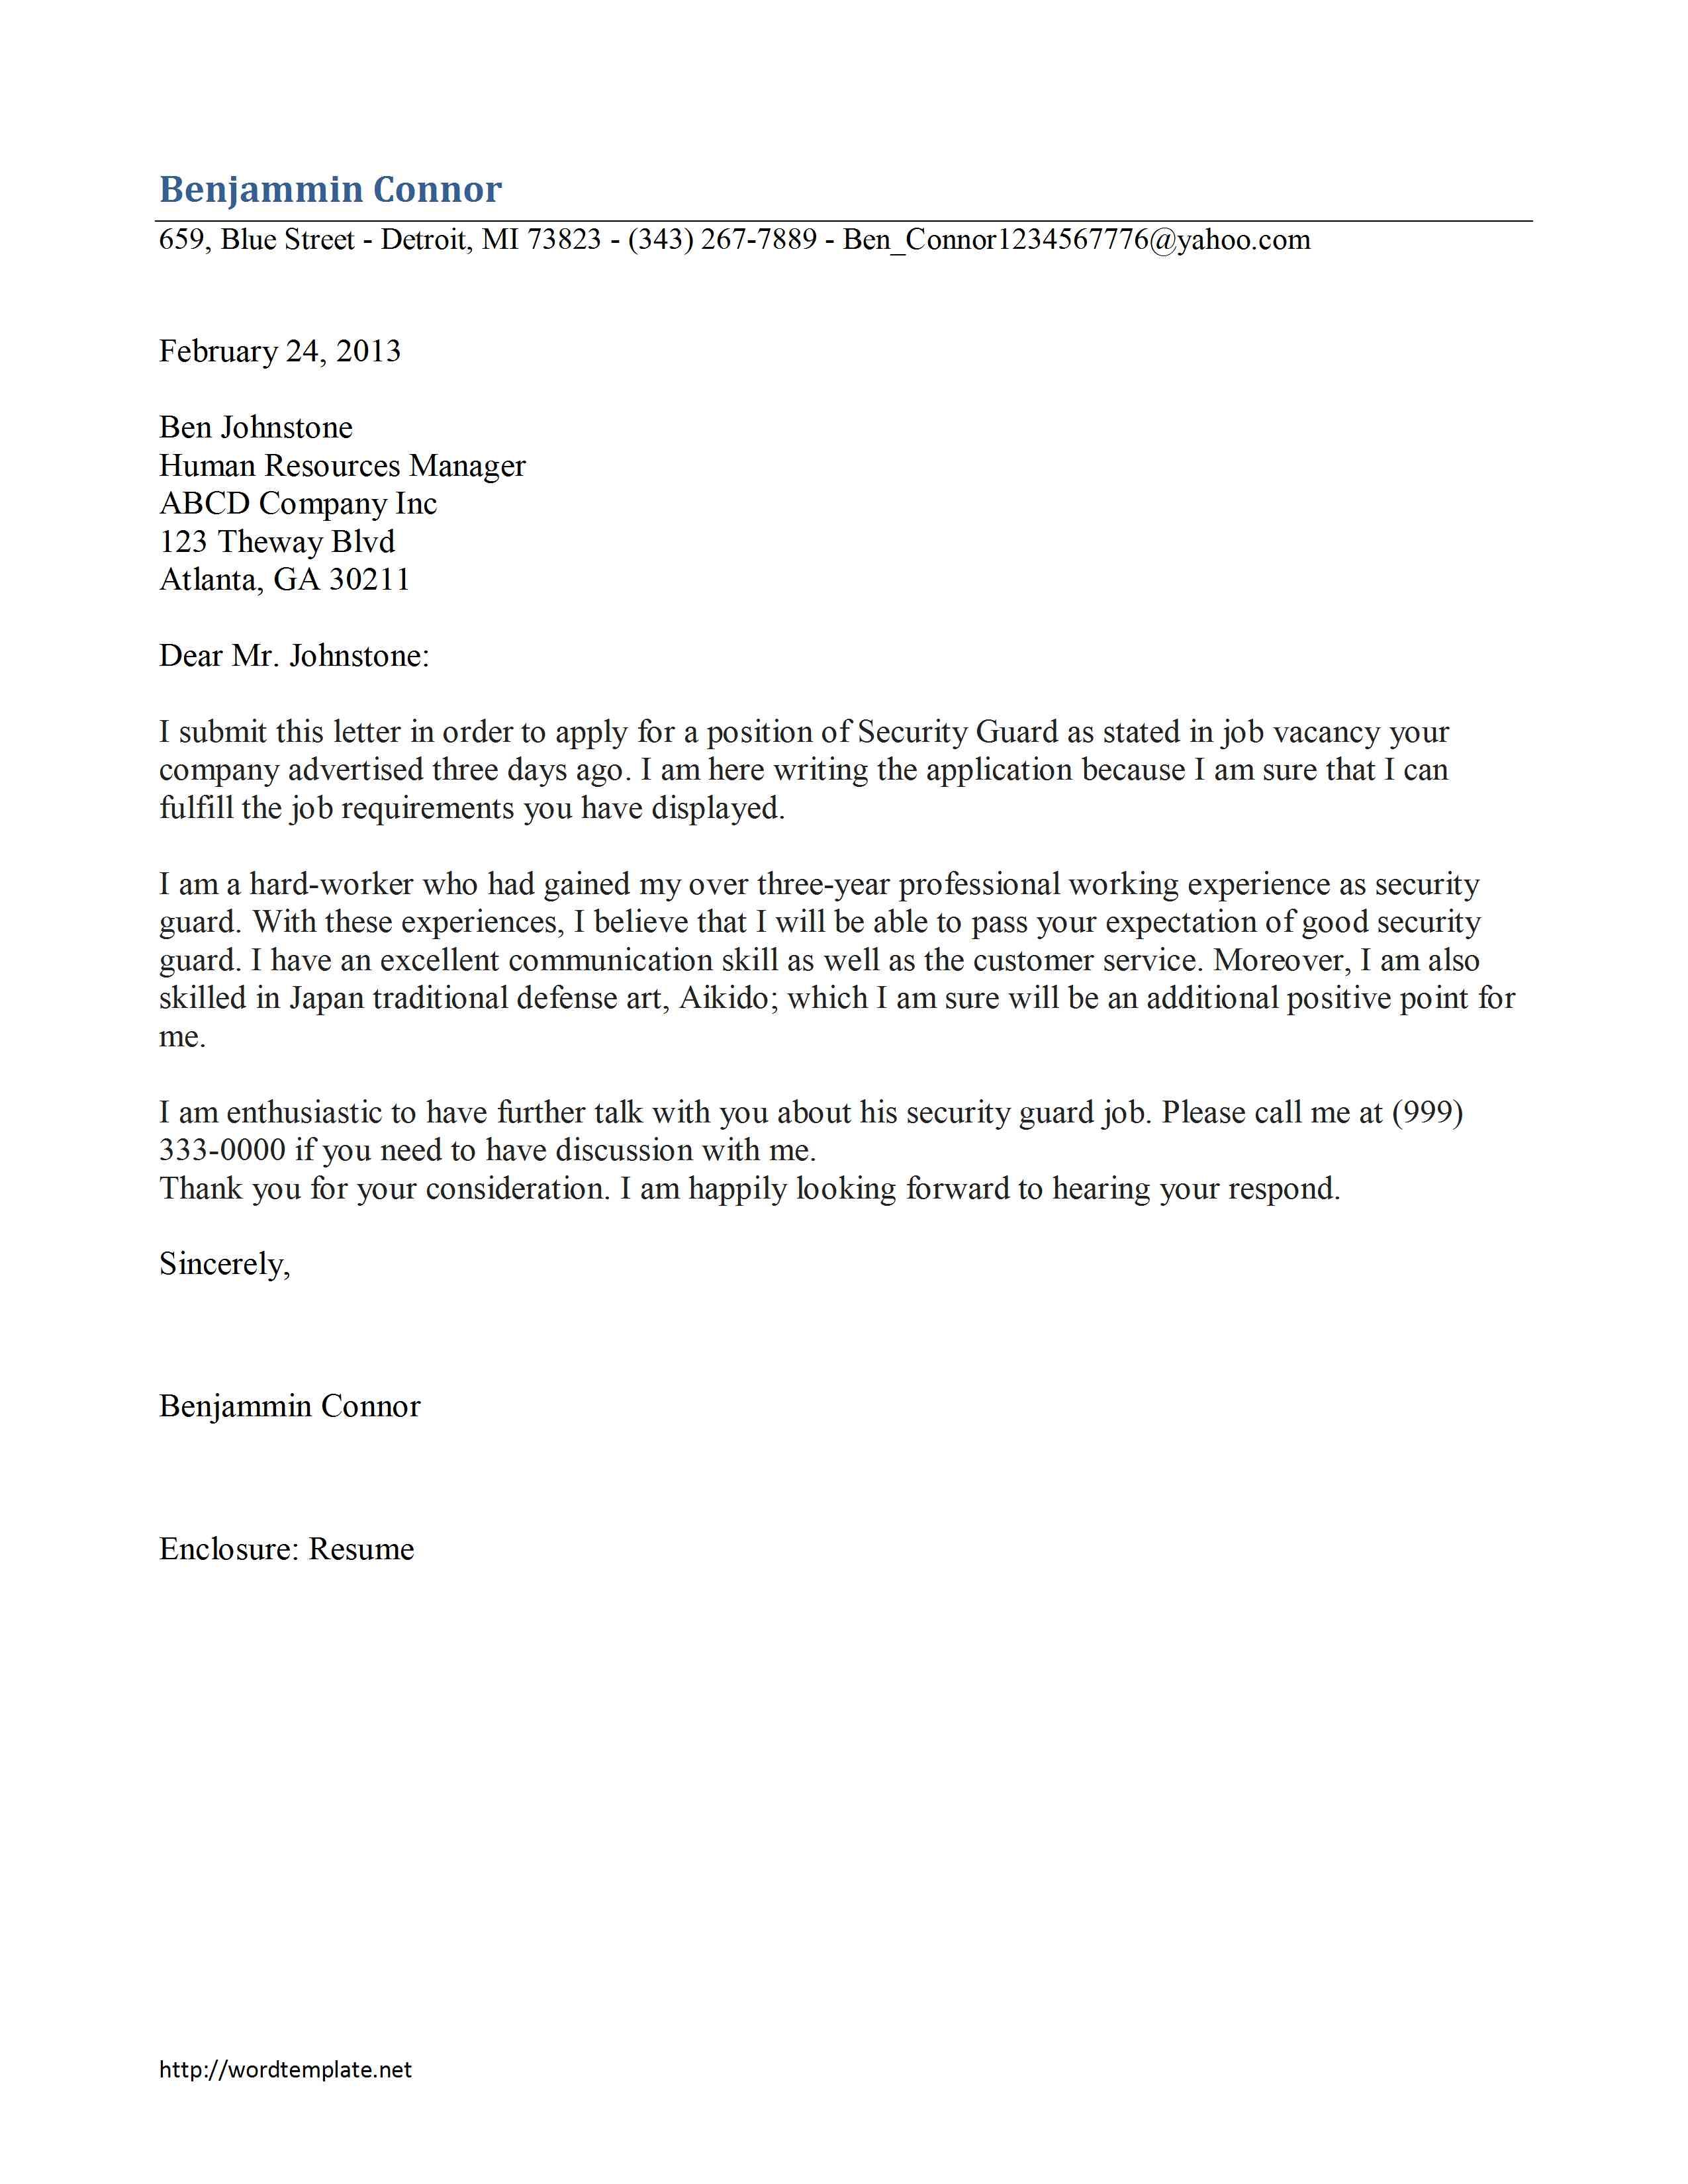 Resignation Letter Template Australia – Resignation Letter Australia